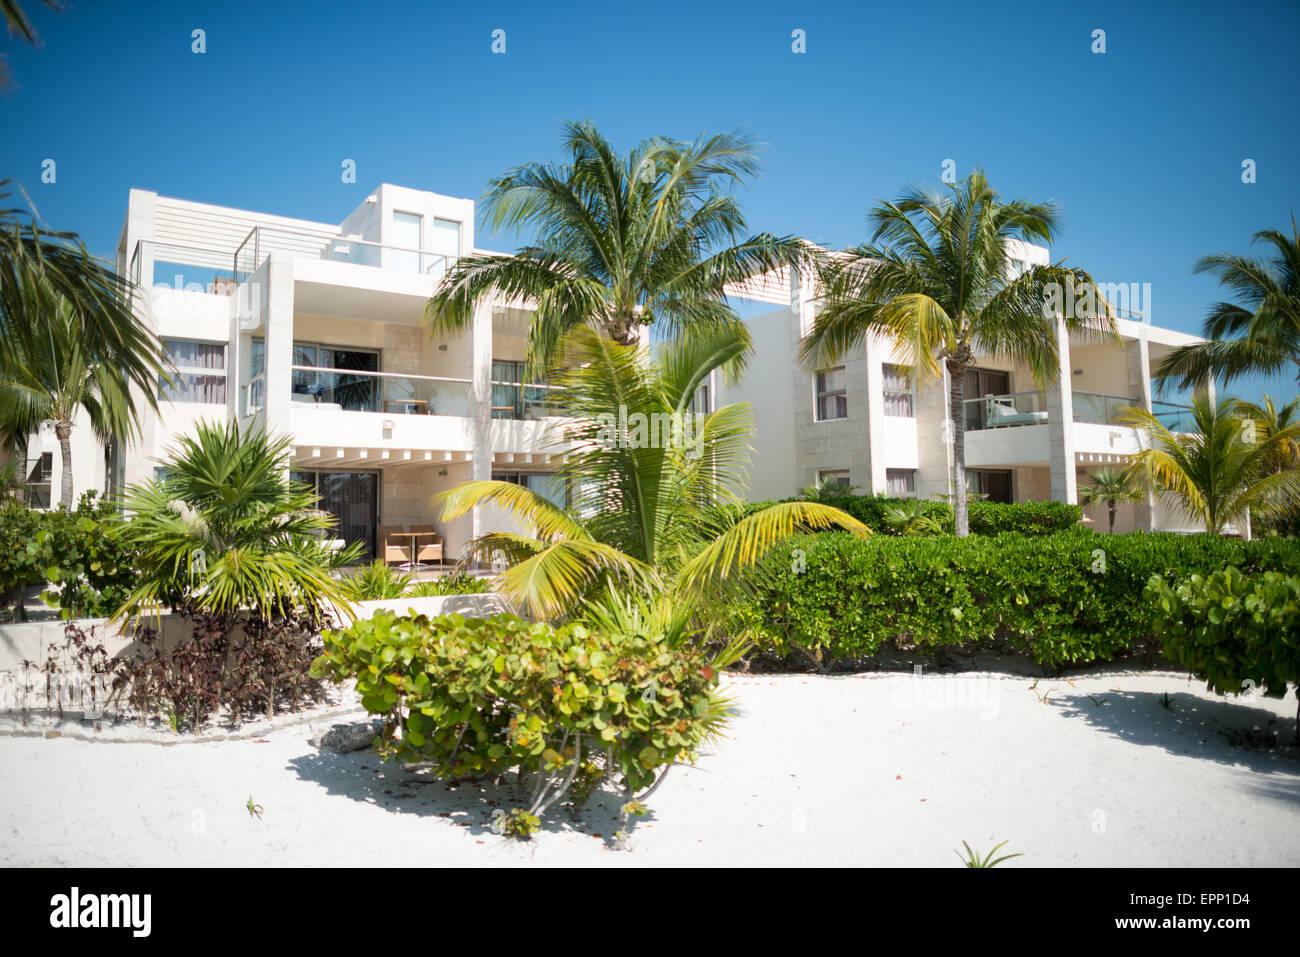 L amata hotel playa mujeres messico si trova appena a nord di